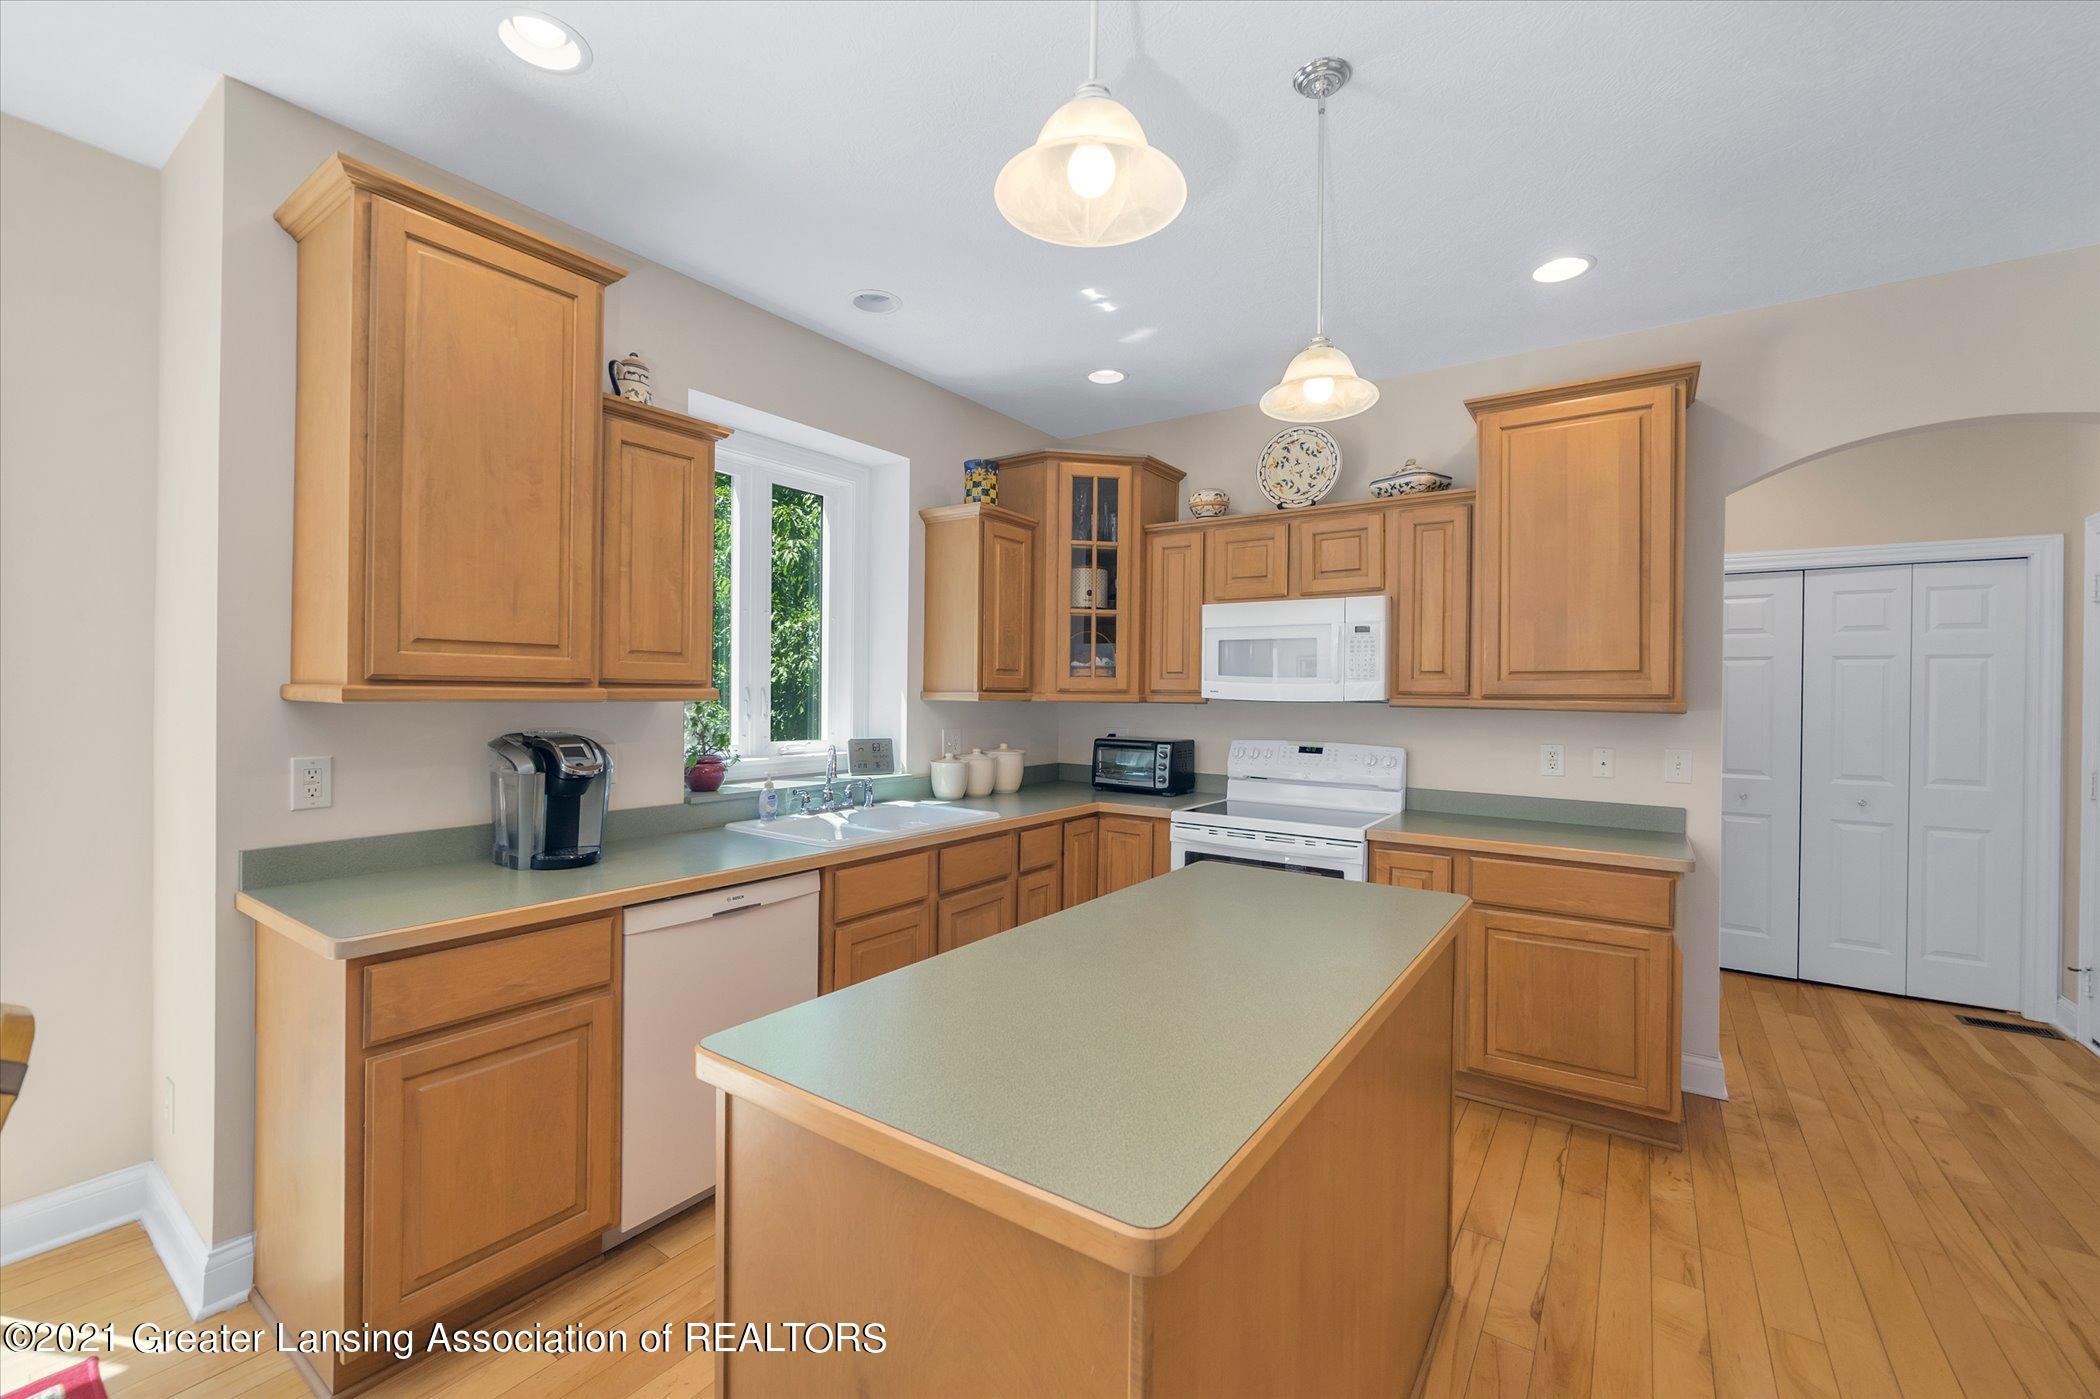 6542 White Clover Dr - MAIN FLOOR Kitchen - 8